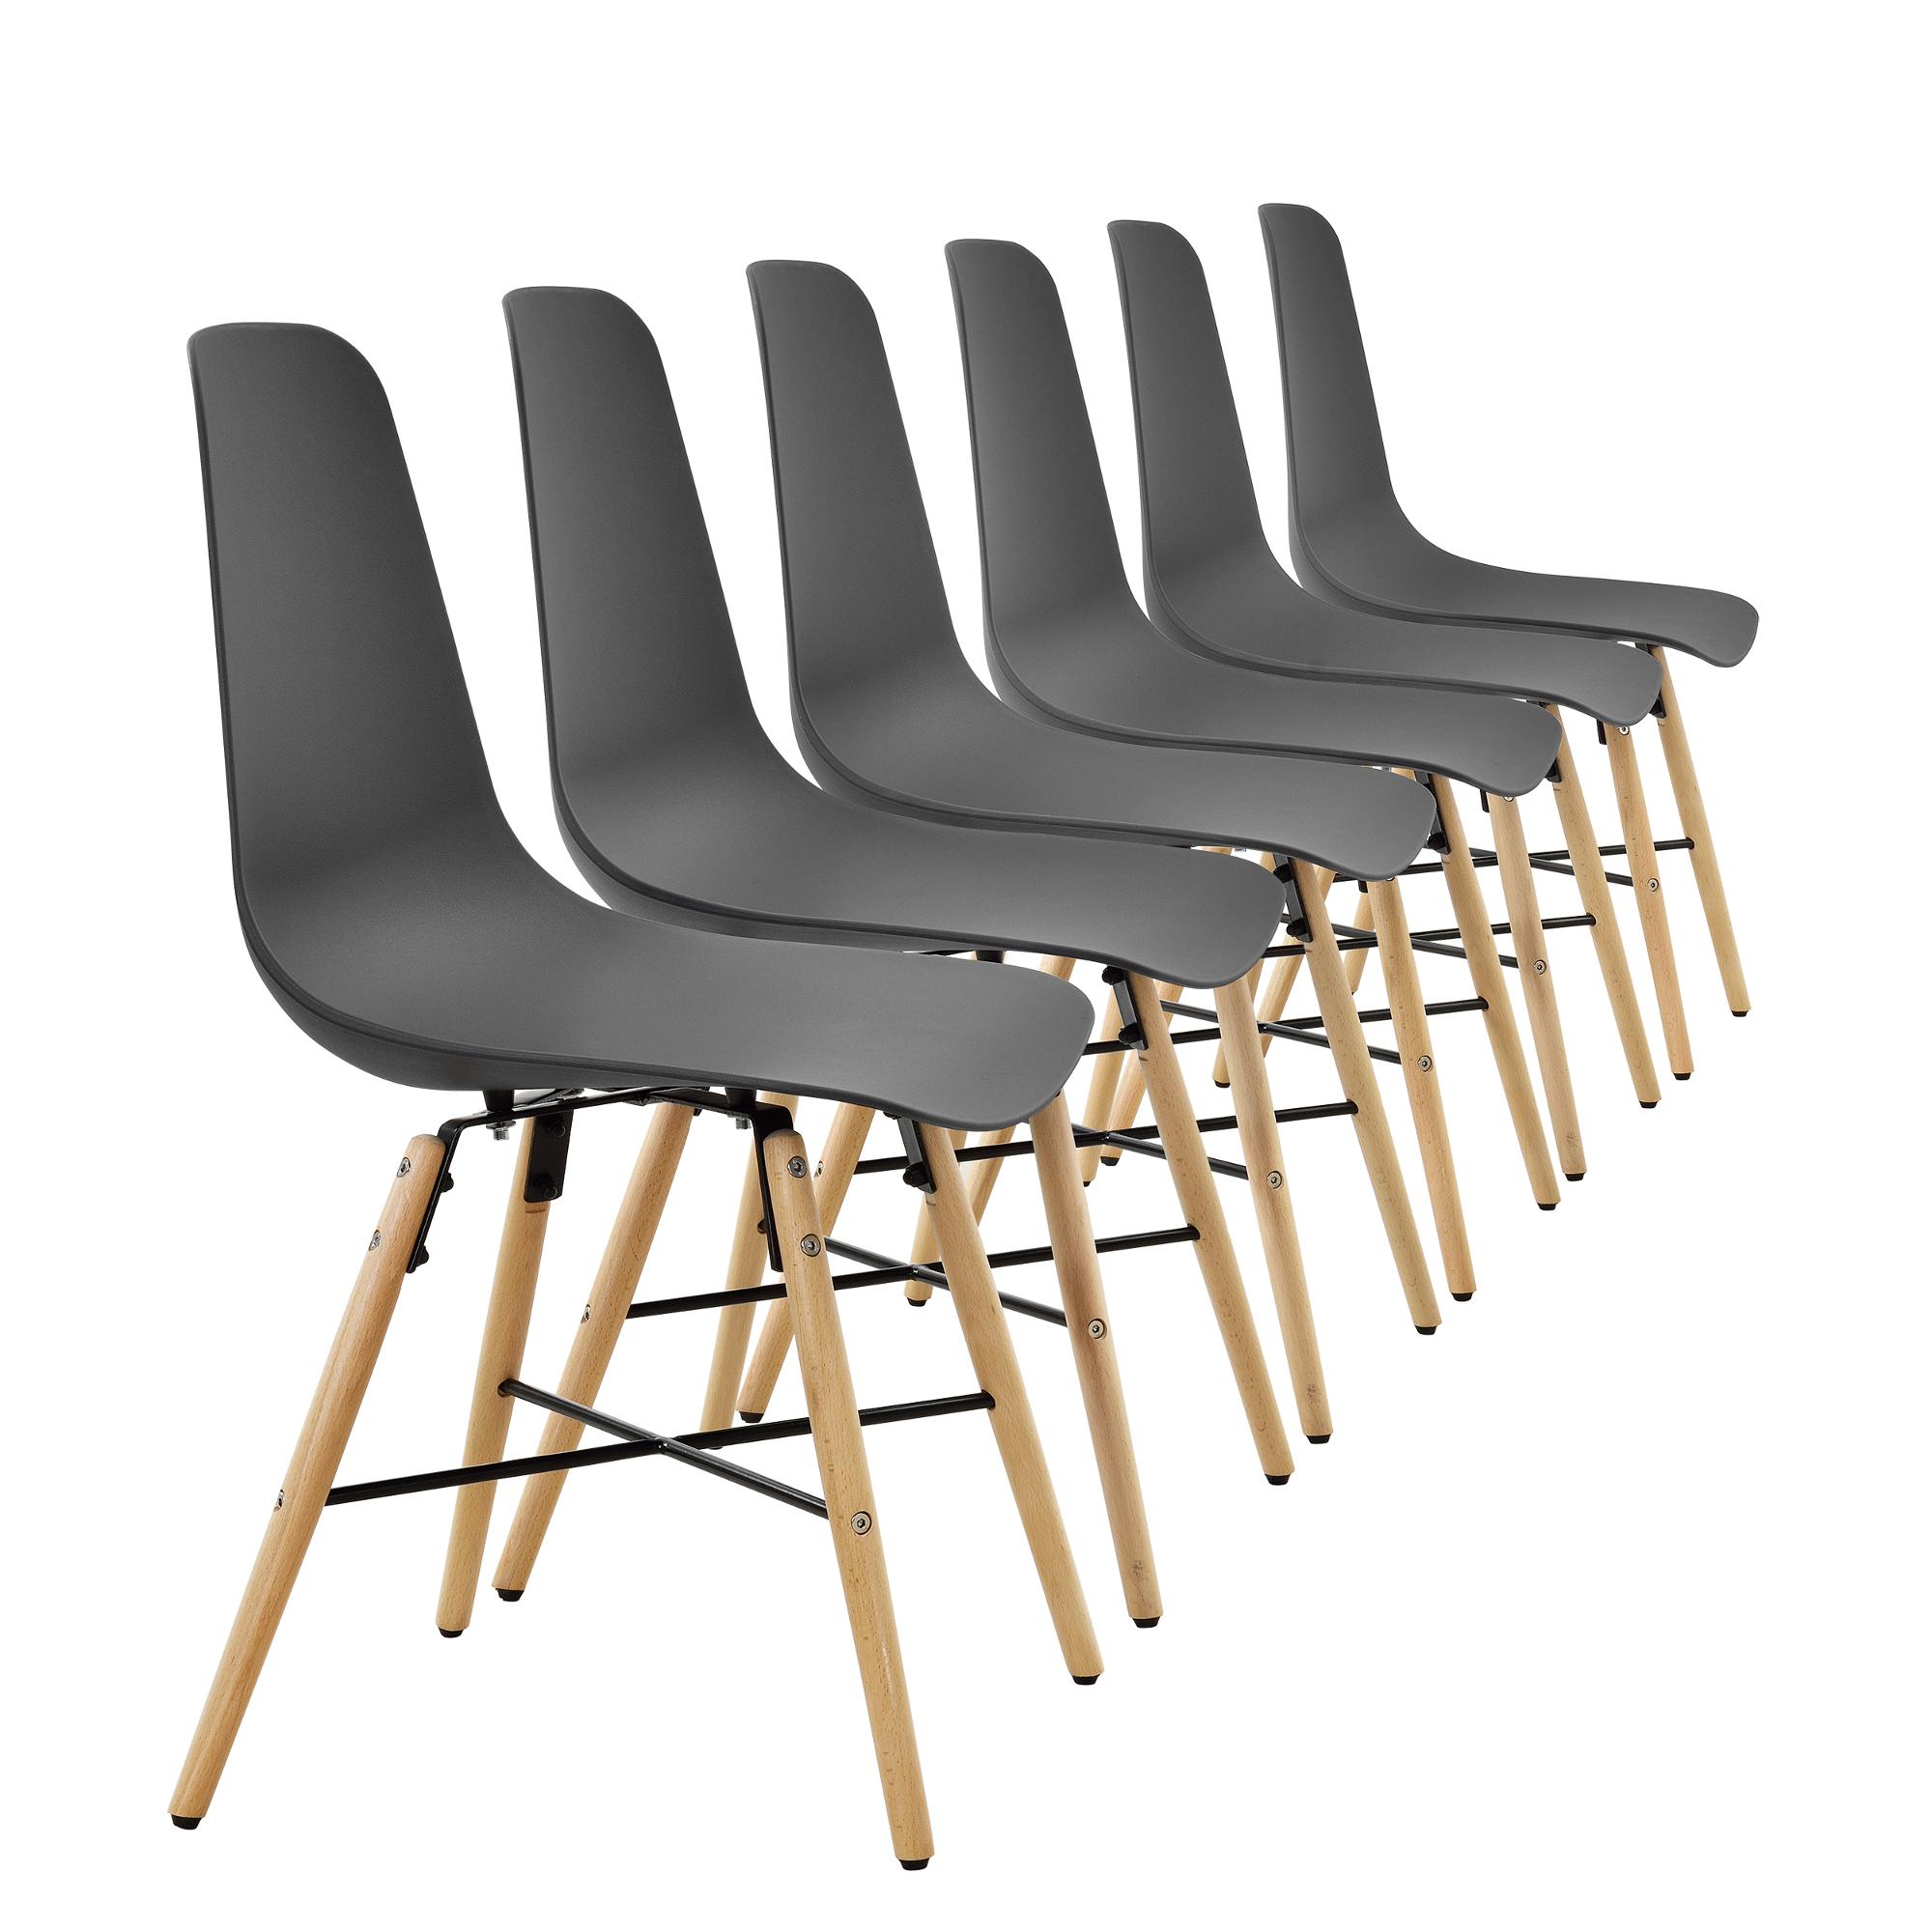 Ensemble de 6 chaise salle manger gris for Chaise design plastique salle a manger